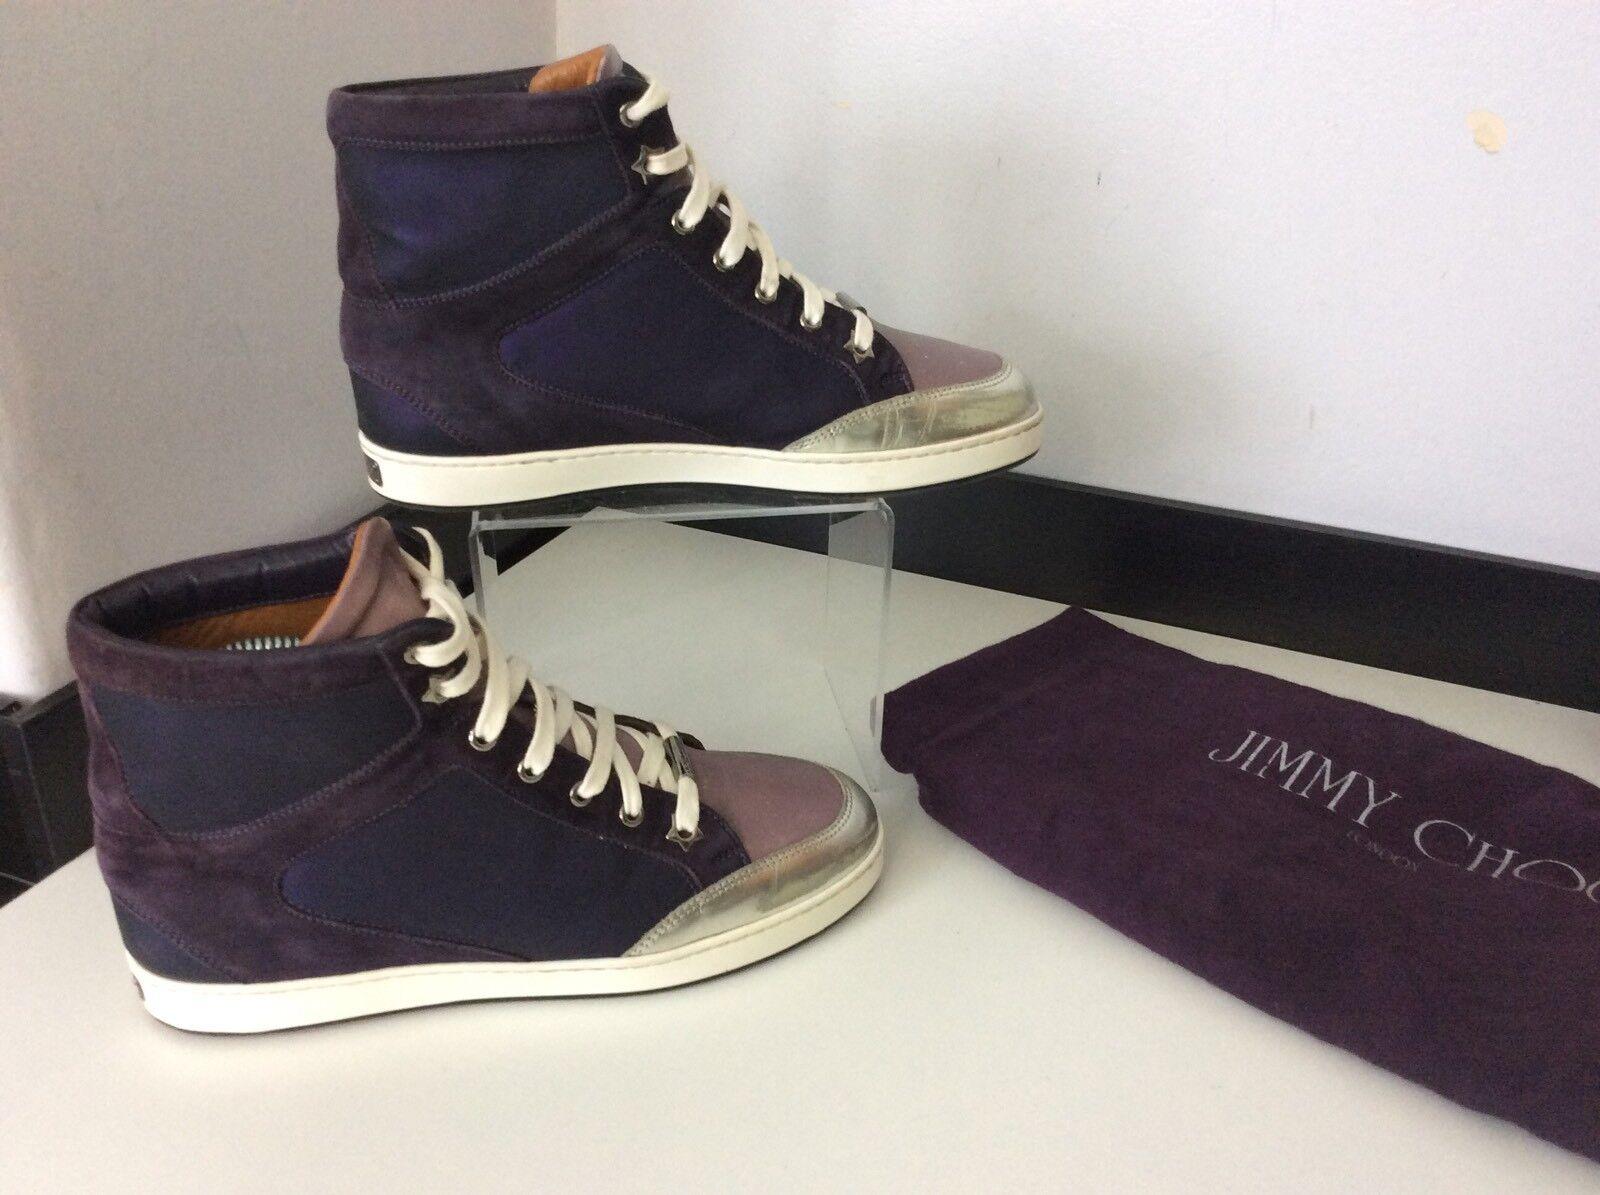 Zapatos De Cuero Jimmy Choo púrpura Hi Top Botas Reino Unido 3.5 en muy buena condición De Gamuza